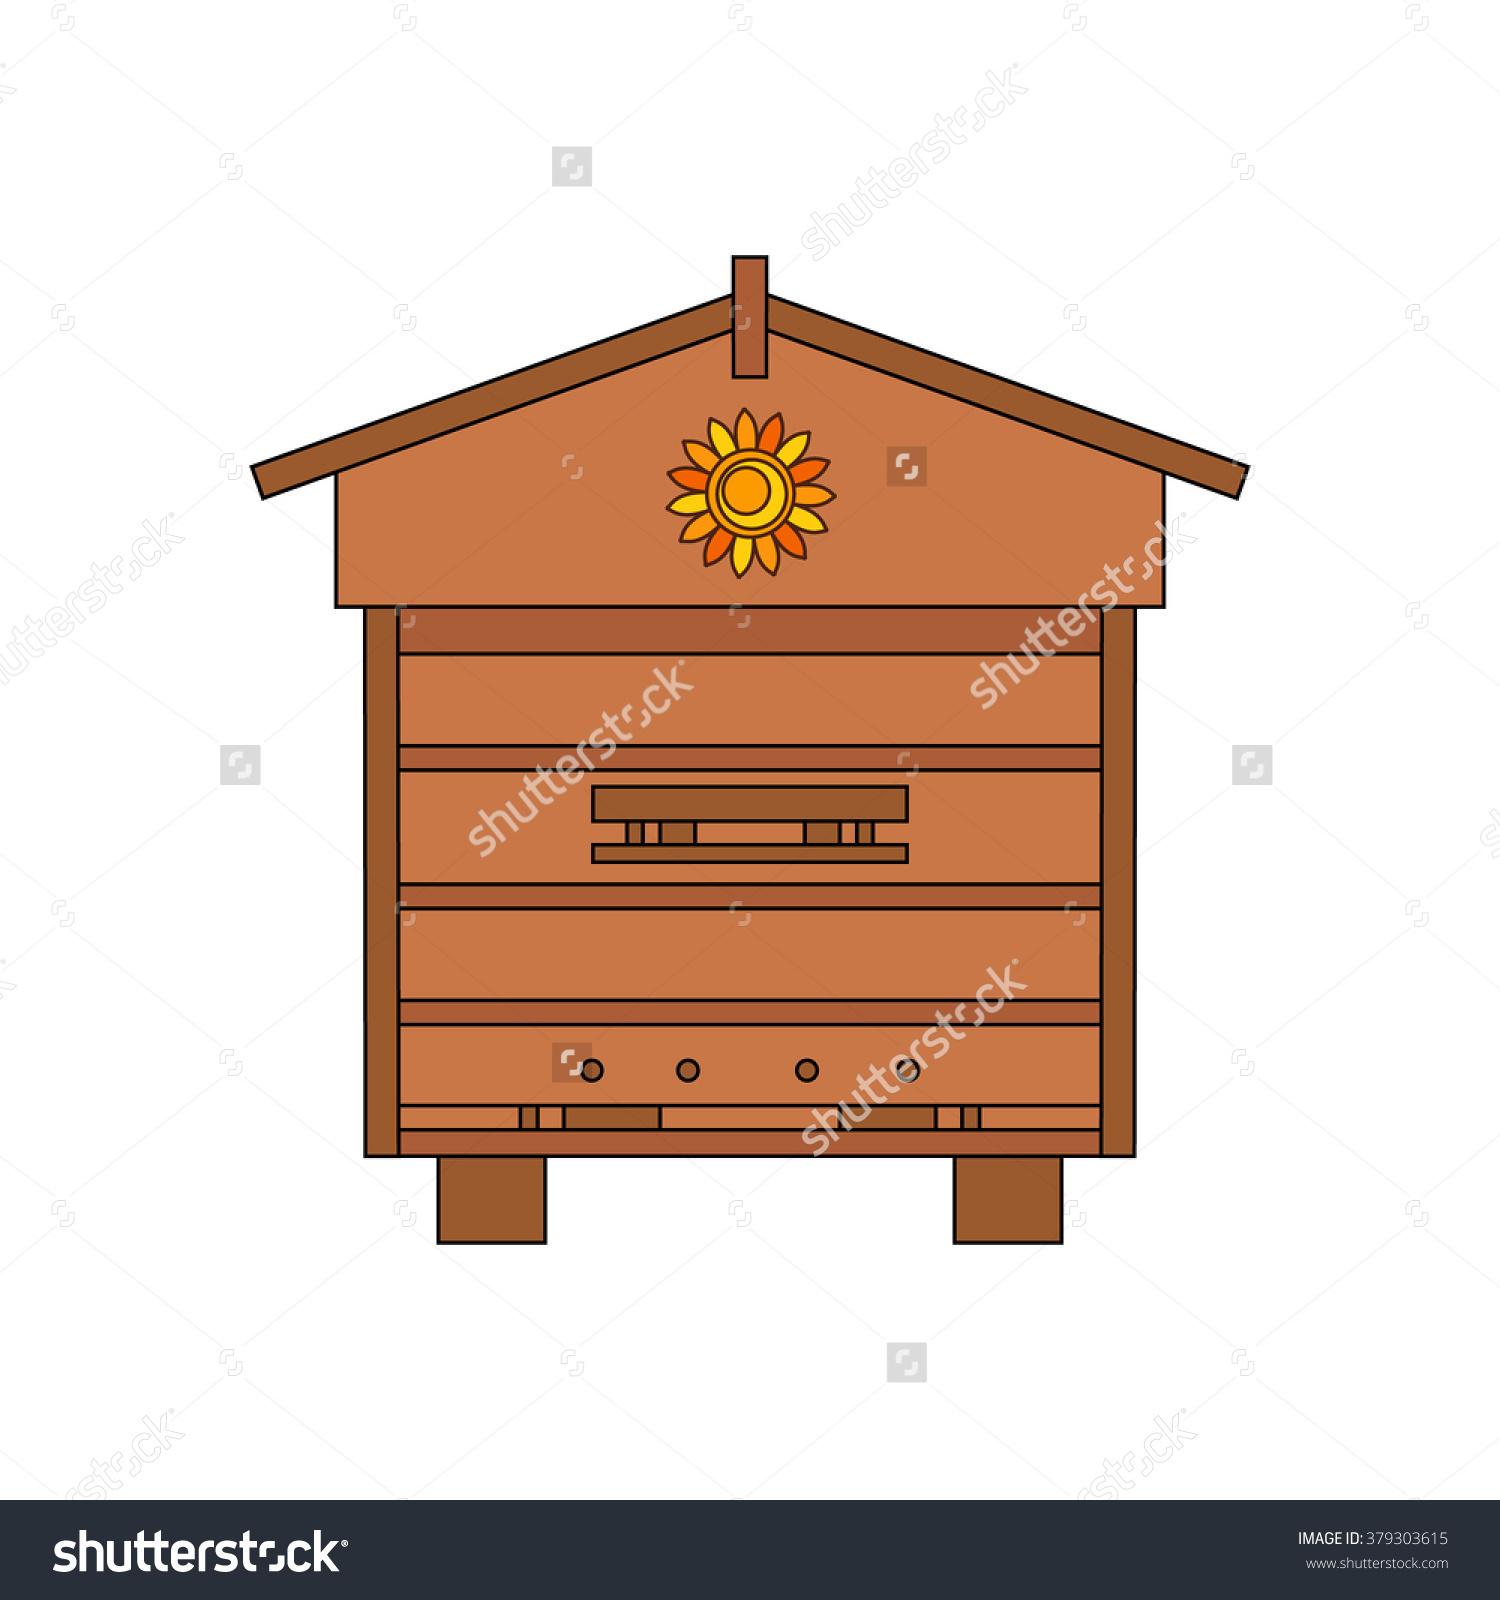 Apiary Honey Bee House Apiary Vector Stock Vector 379303615.